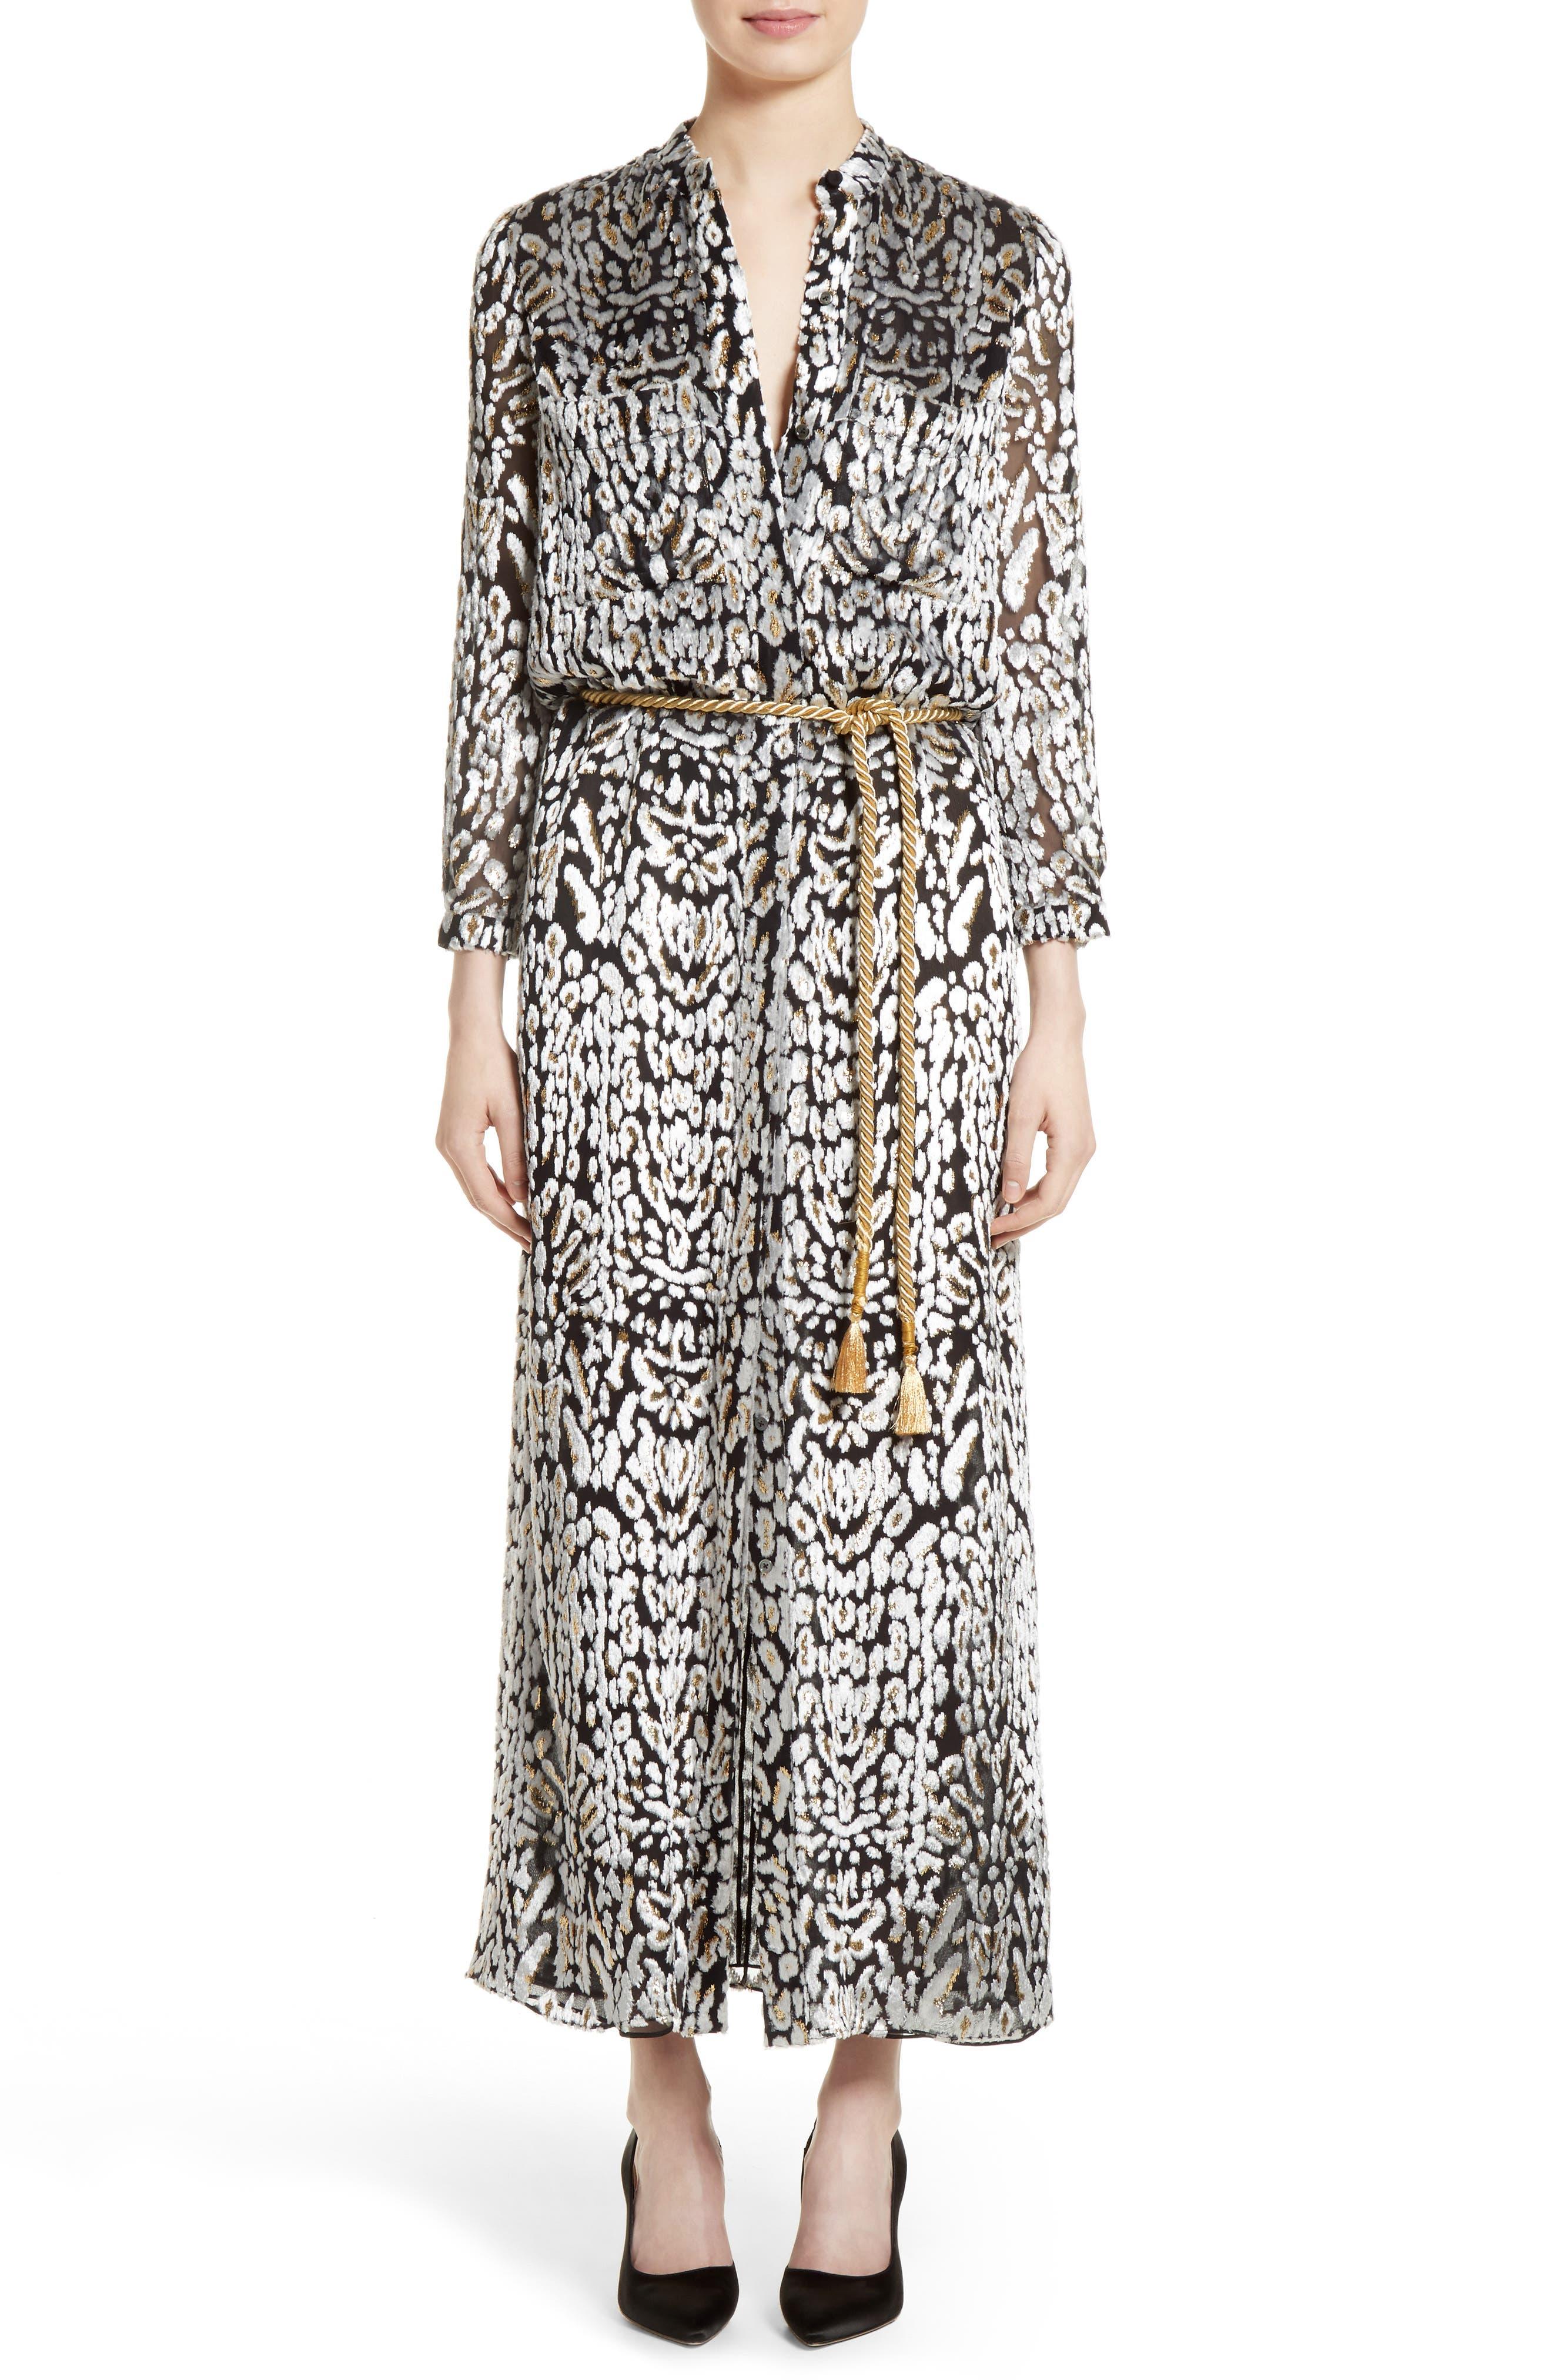 Ocelot Print Velvet Jacquard Dress,                         Main,                         color, 001